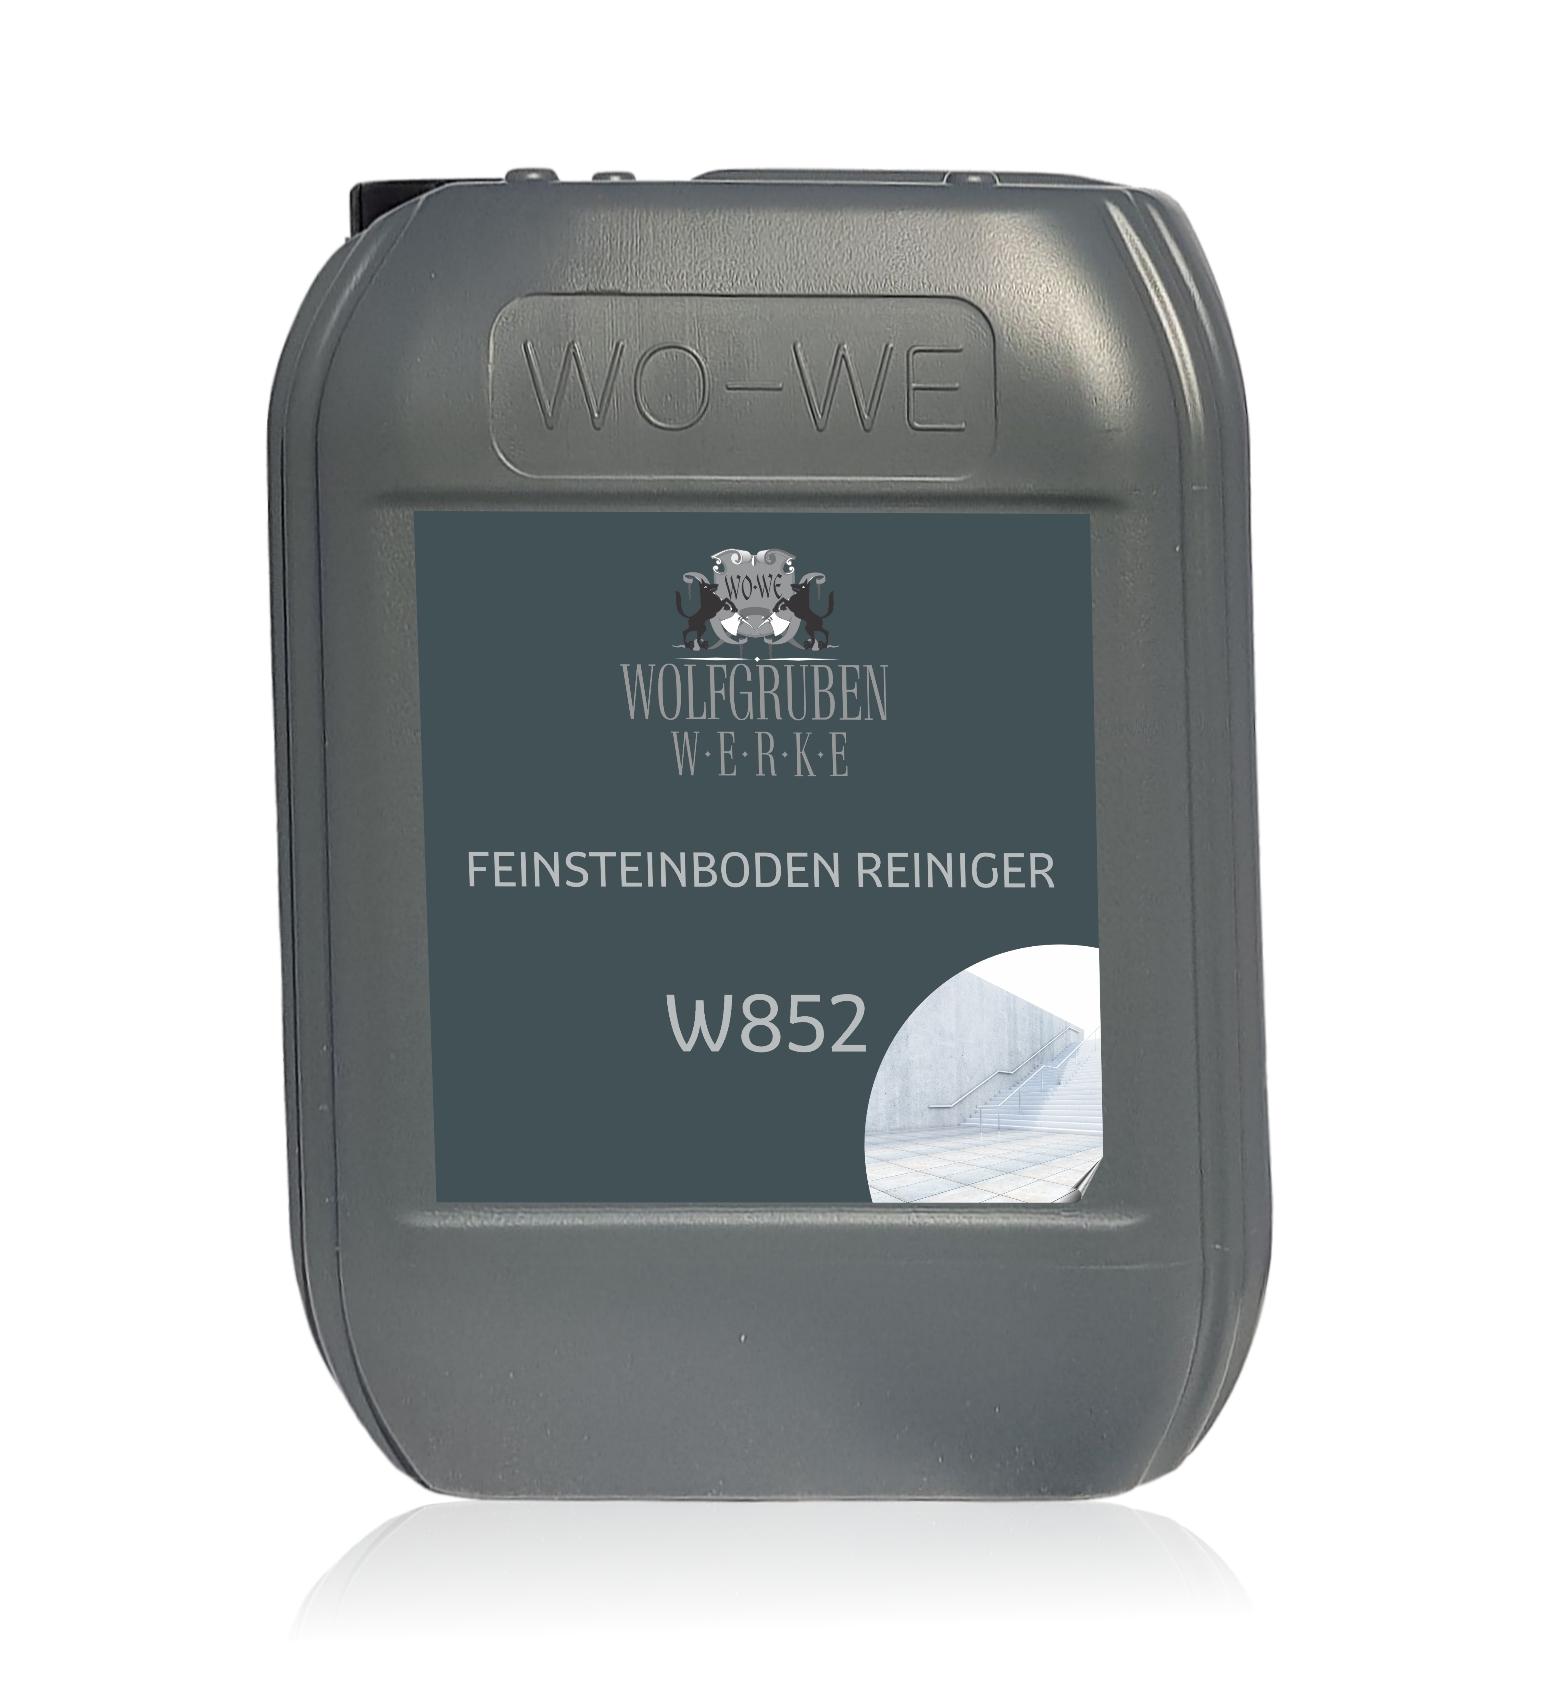 W852.jpg?dl=0